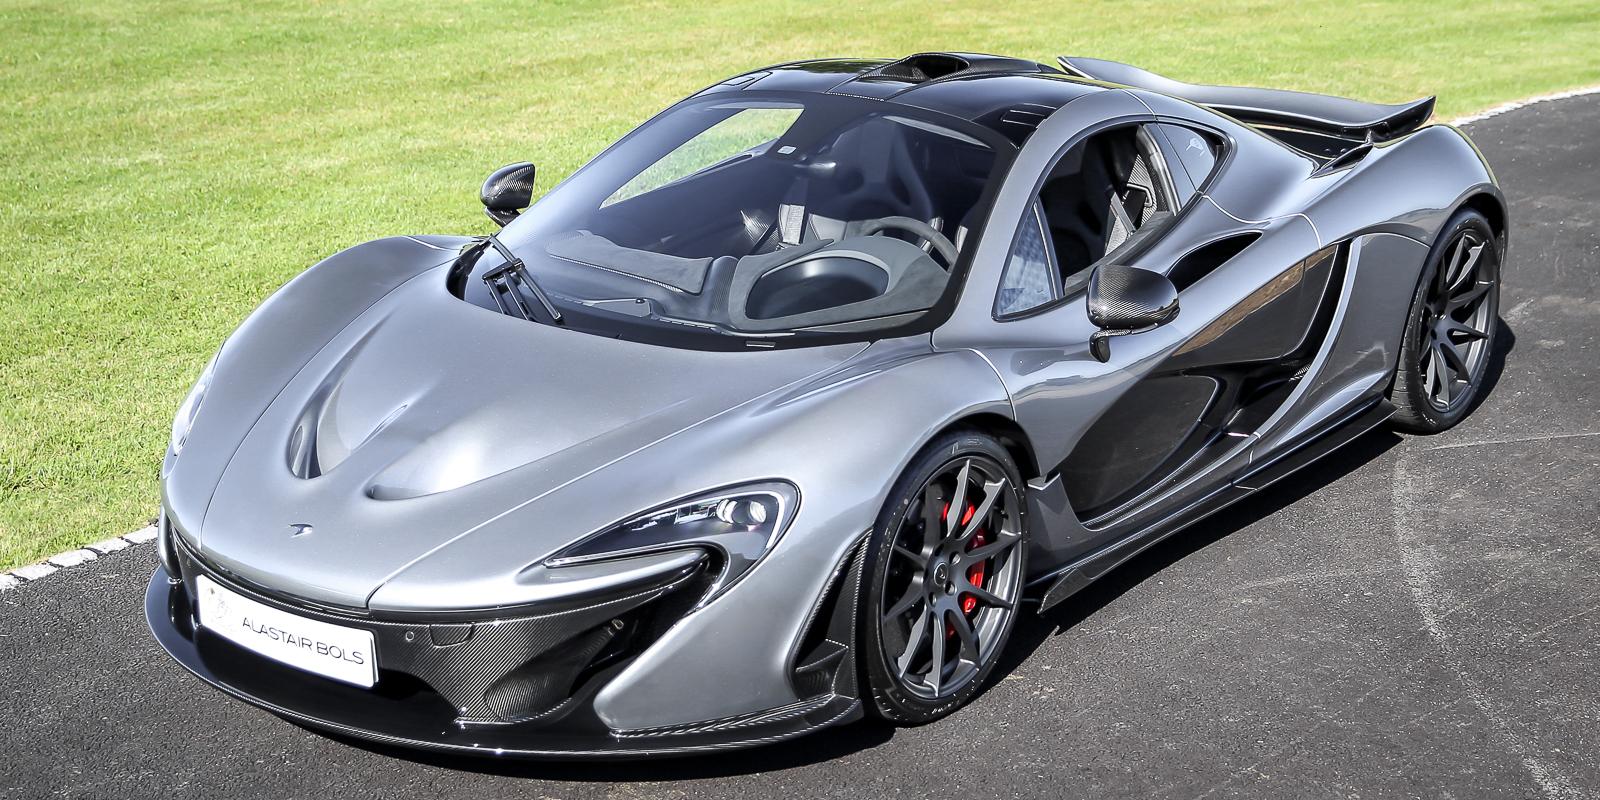 McLaren P1 Titanium Silver